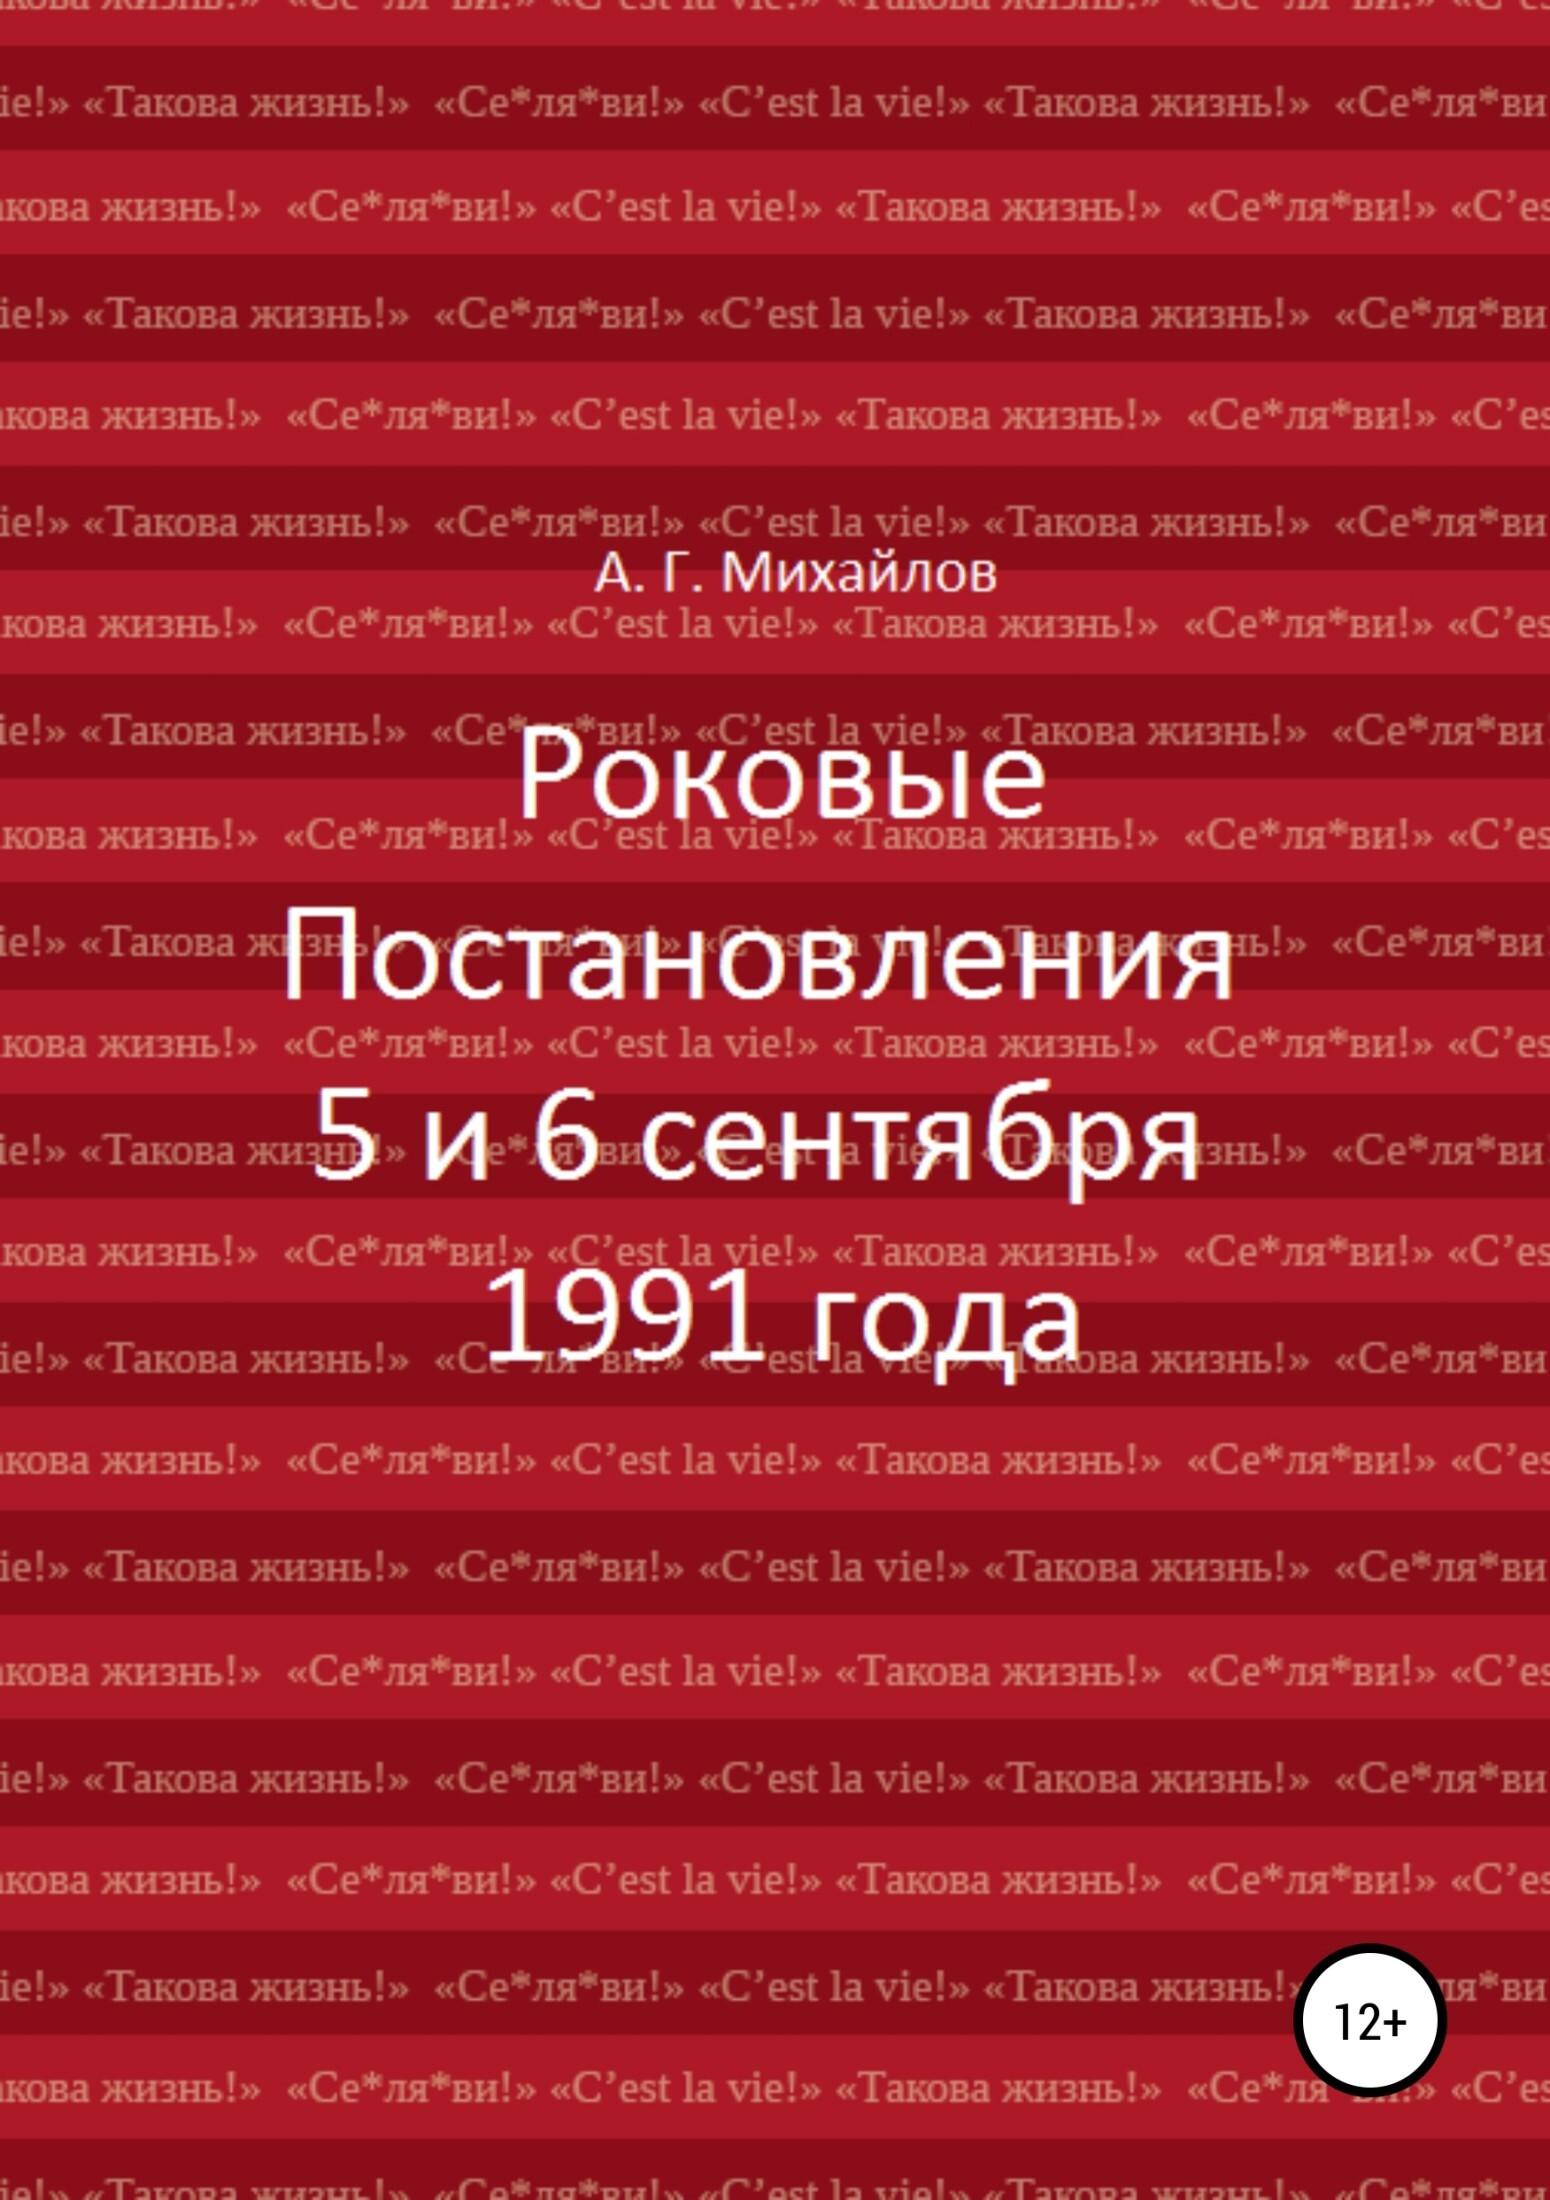 Александр Григорьевич Михайлов Роковые Постановления 5 и 6 сентября 1991 года